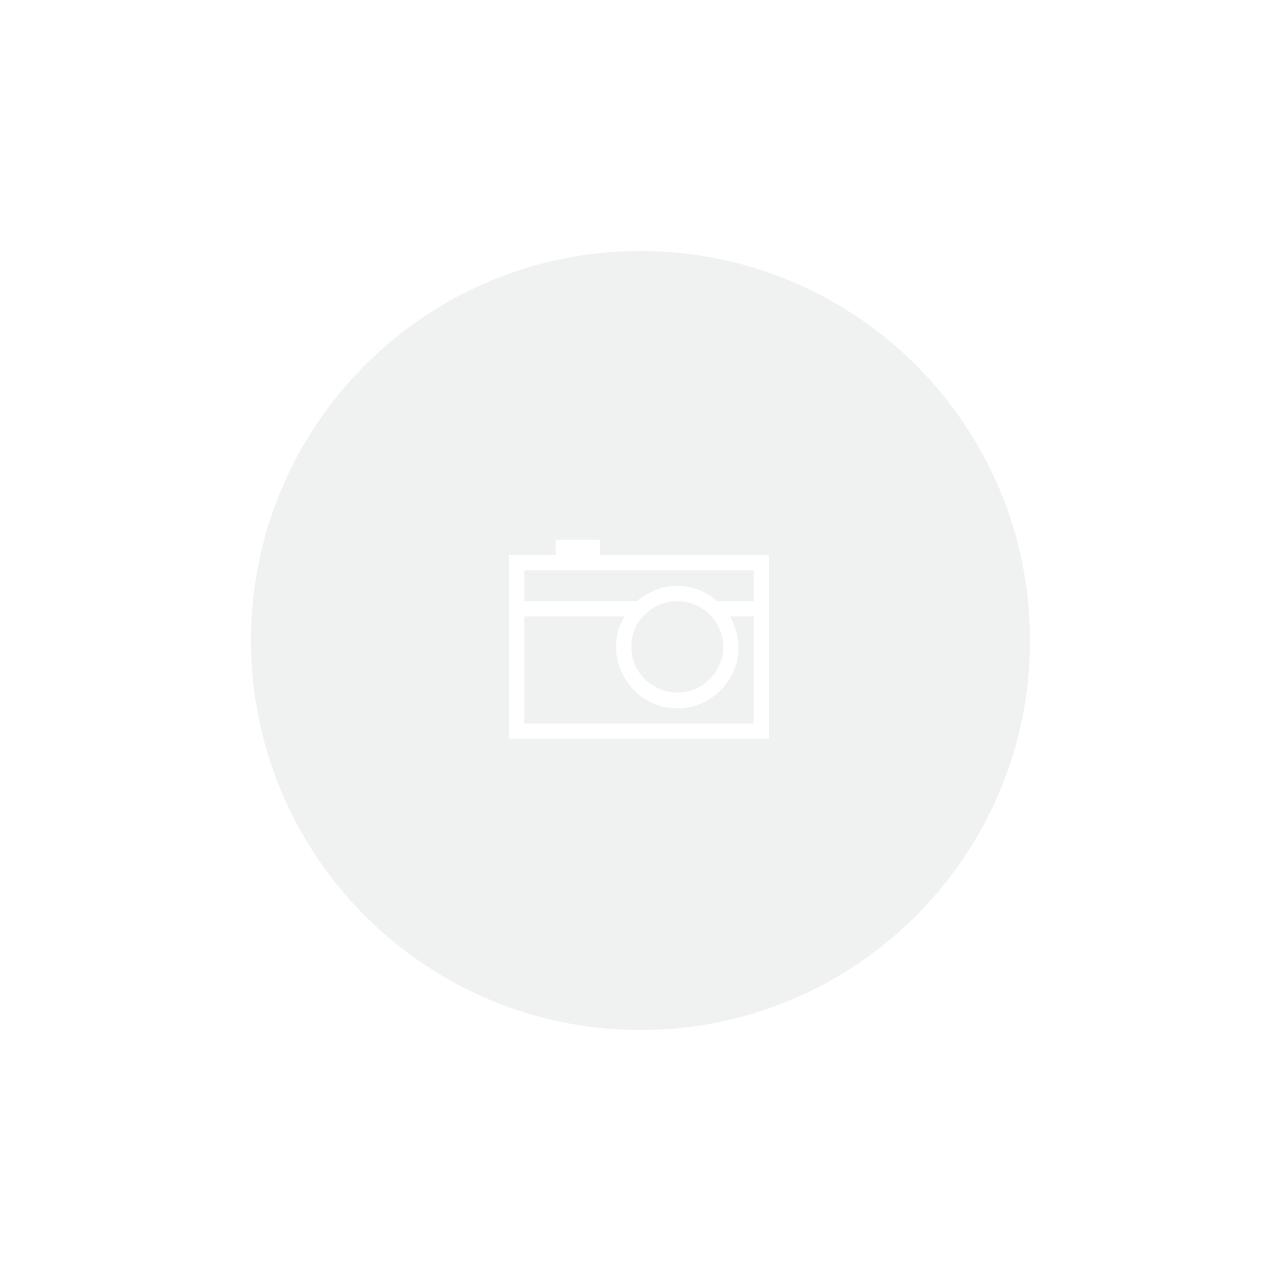 Placa Horizontal 4x4 - 3 + 3 módulos juntos